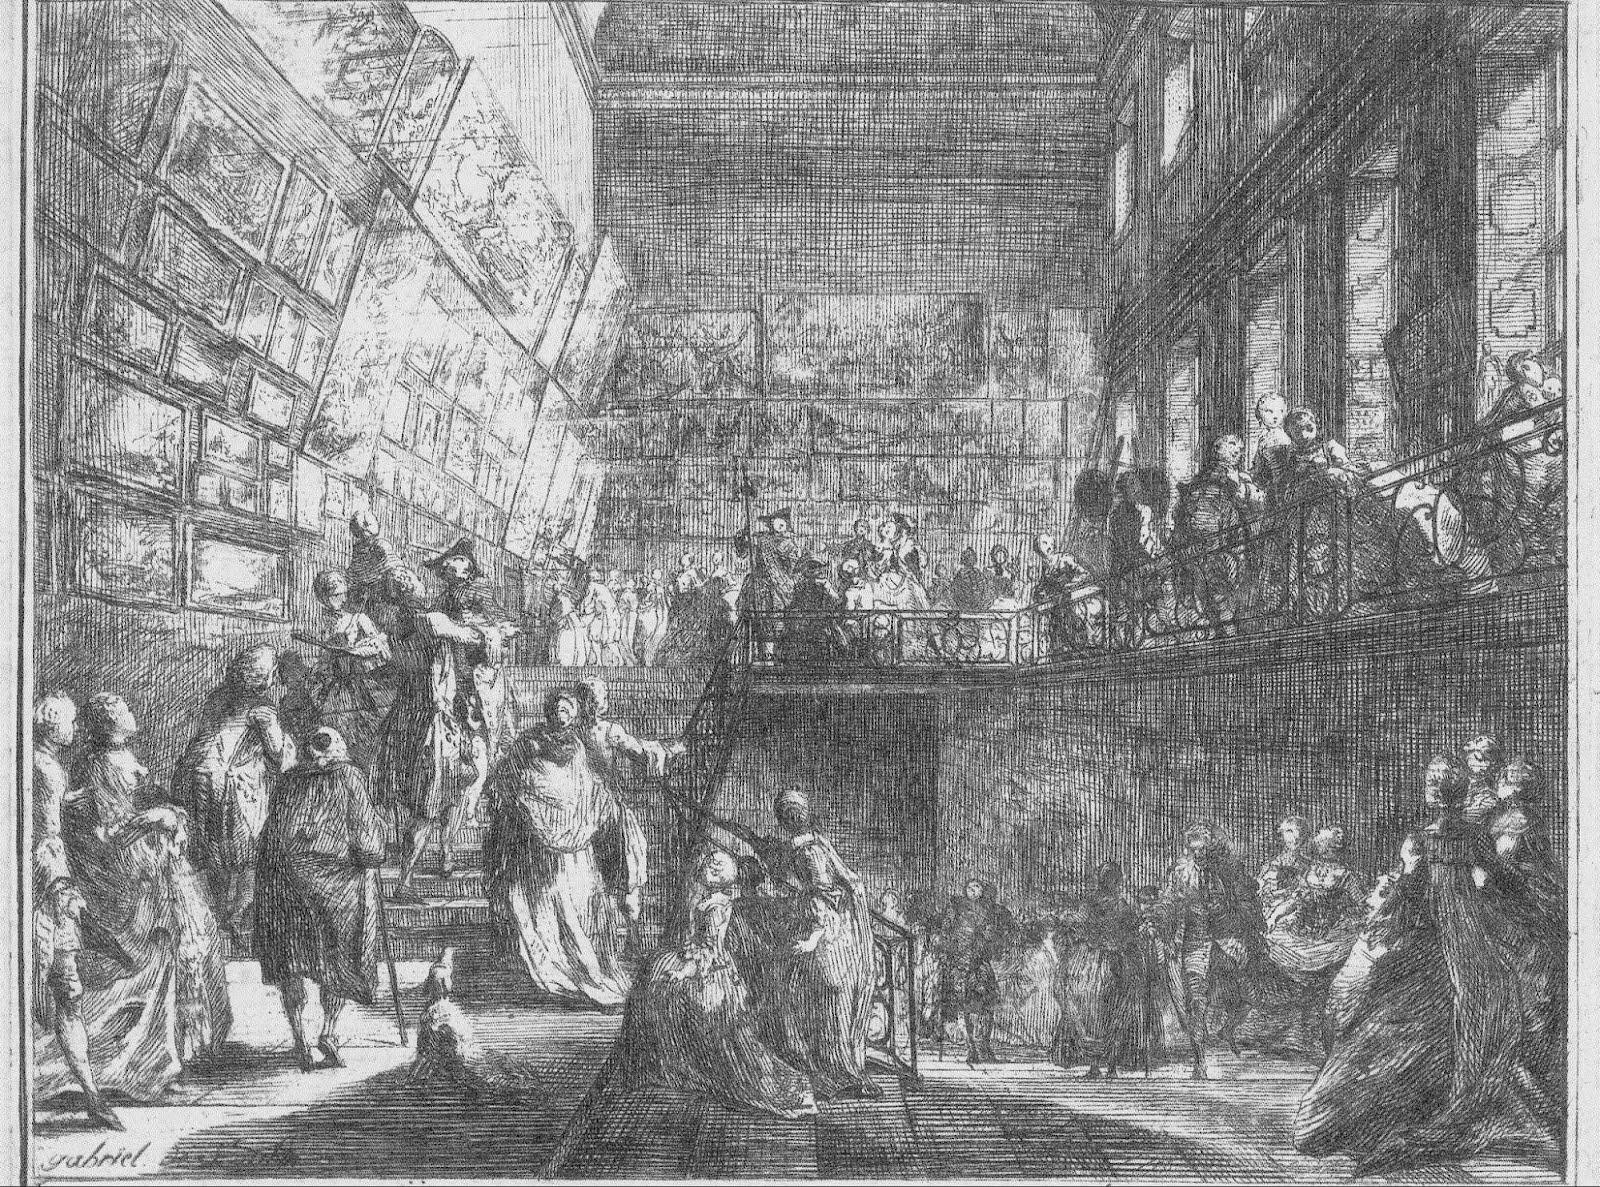 salon de 1739 paris salon exhibitions 1667 1880. Black Bedroom Furniture Sets. Home Design Ideas